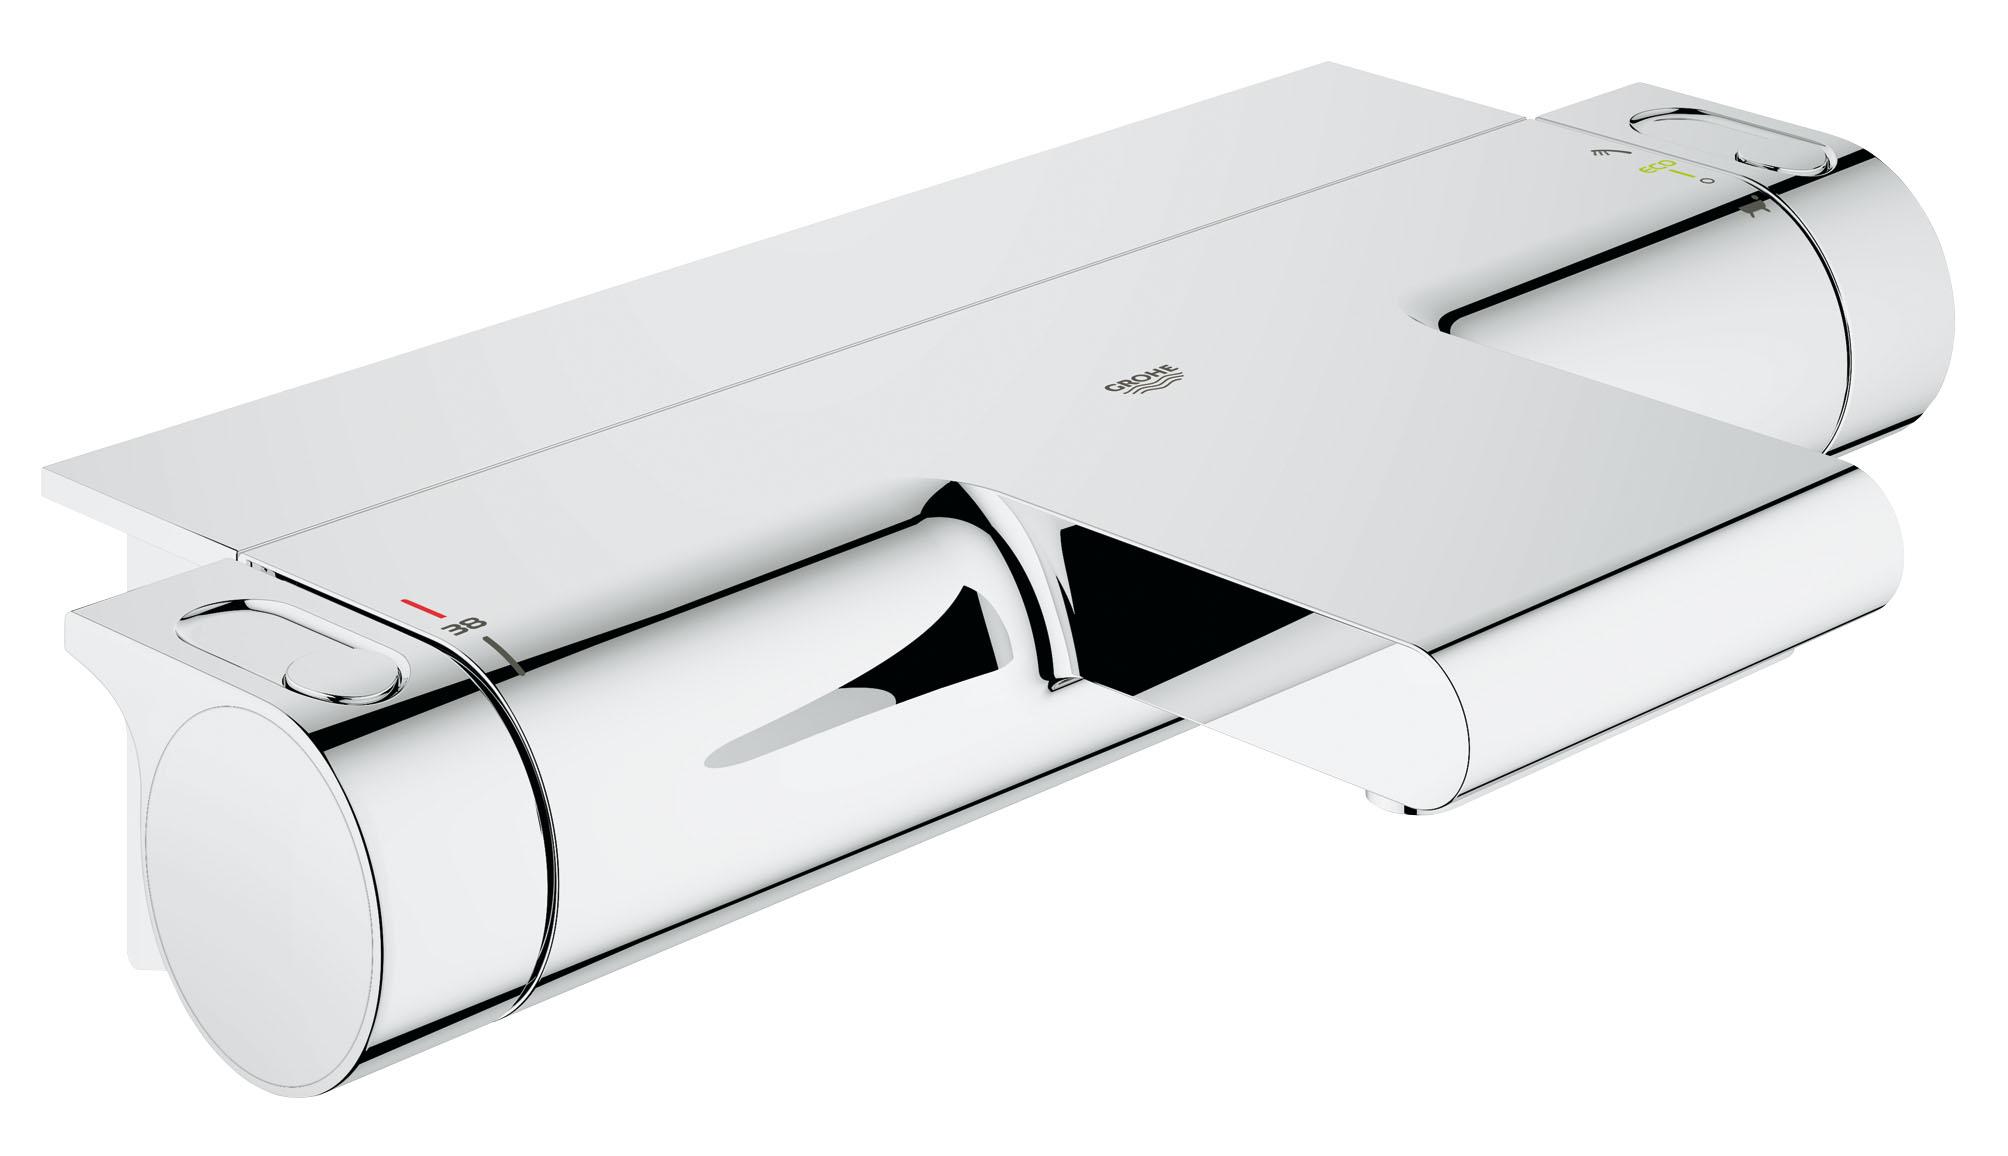 Термостат для ванны GROHE Grohtherm 2000 New с полочкой. (34464001) смеситель для ванны grohe grohtherm 2000 new 34174001